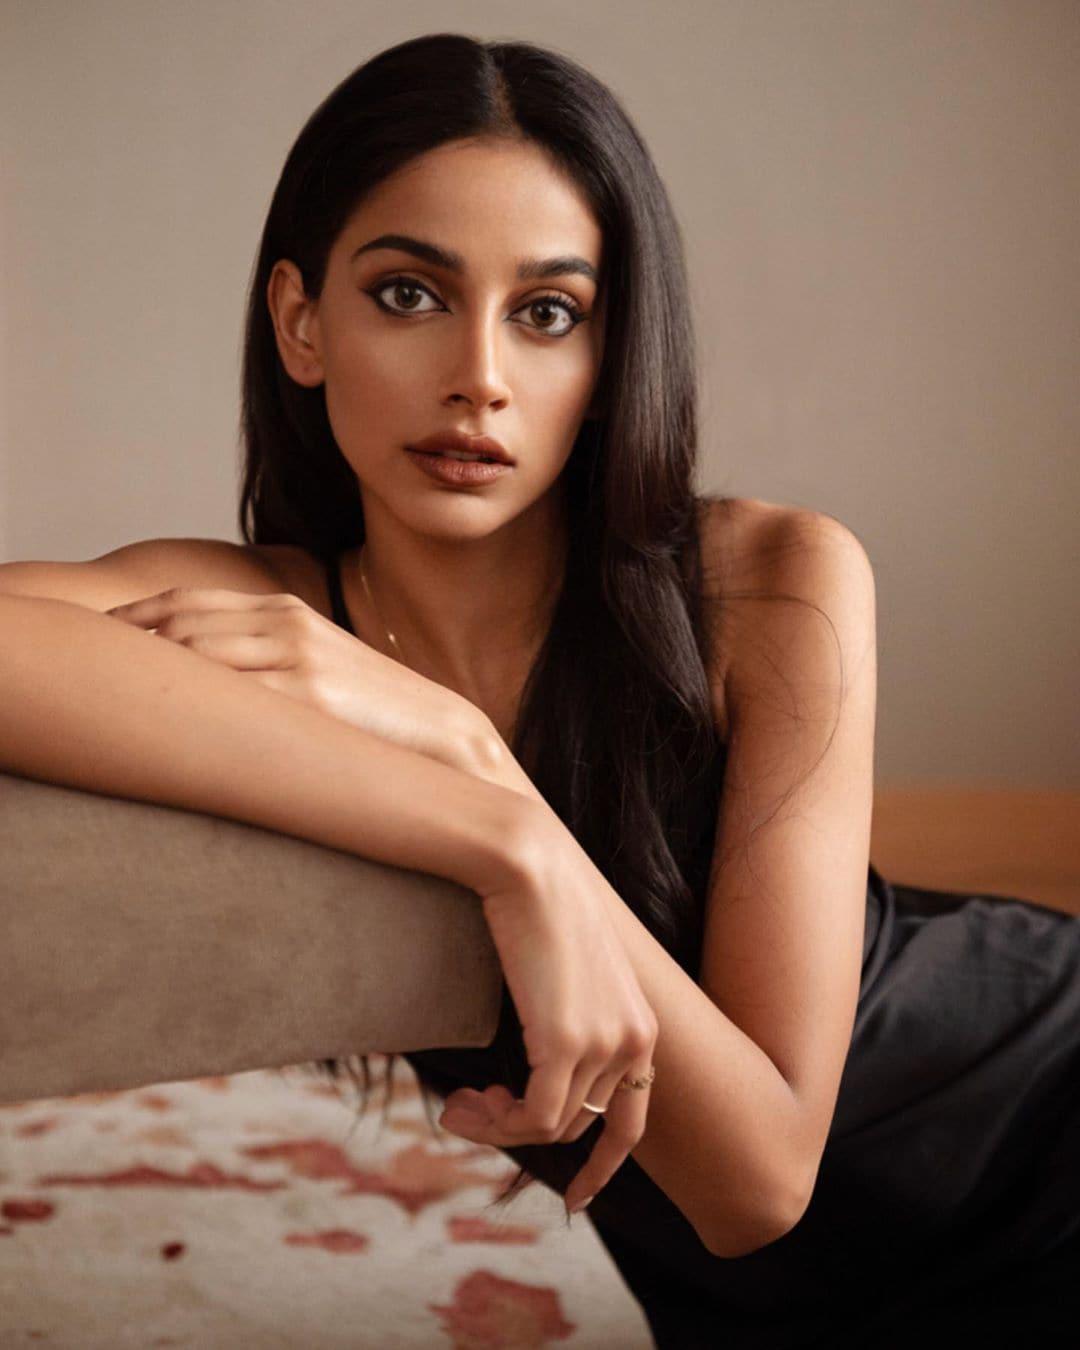 நாயகி பனிடா சந்து. (image: Instagram)